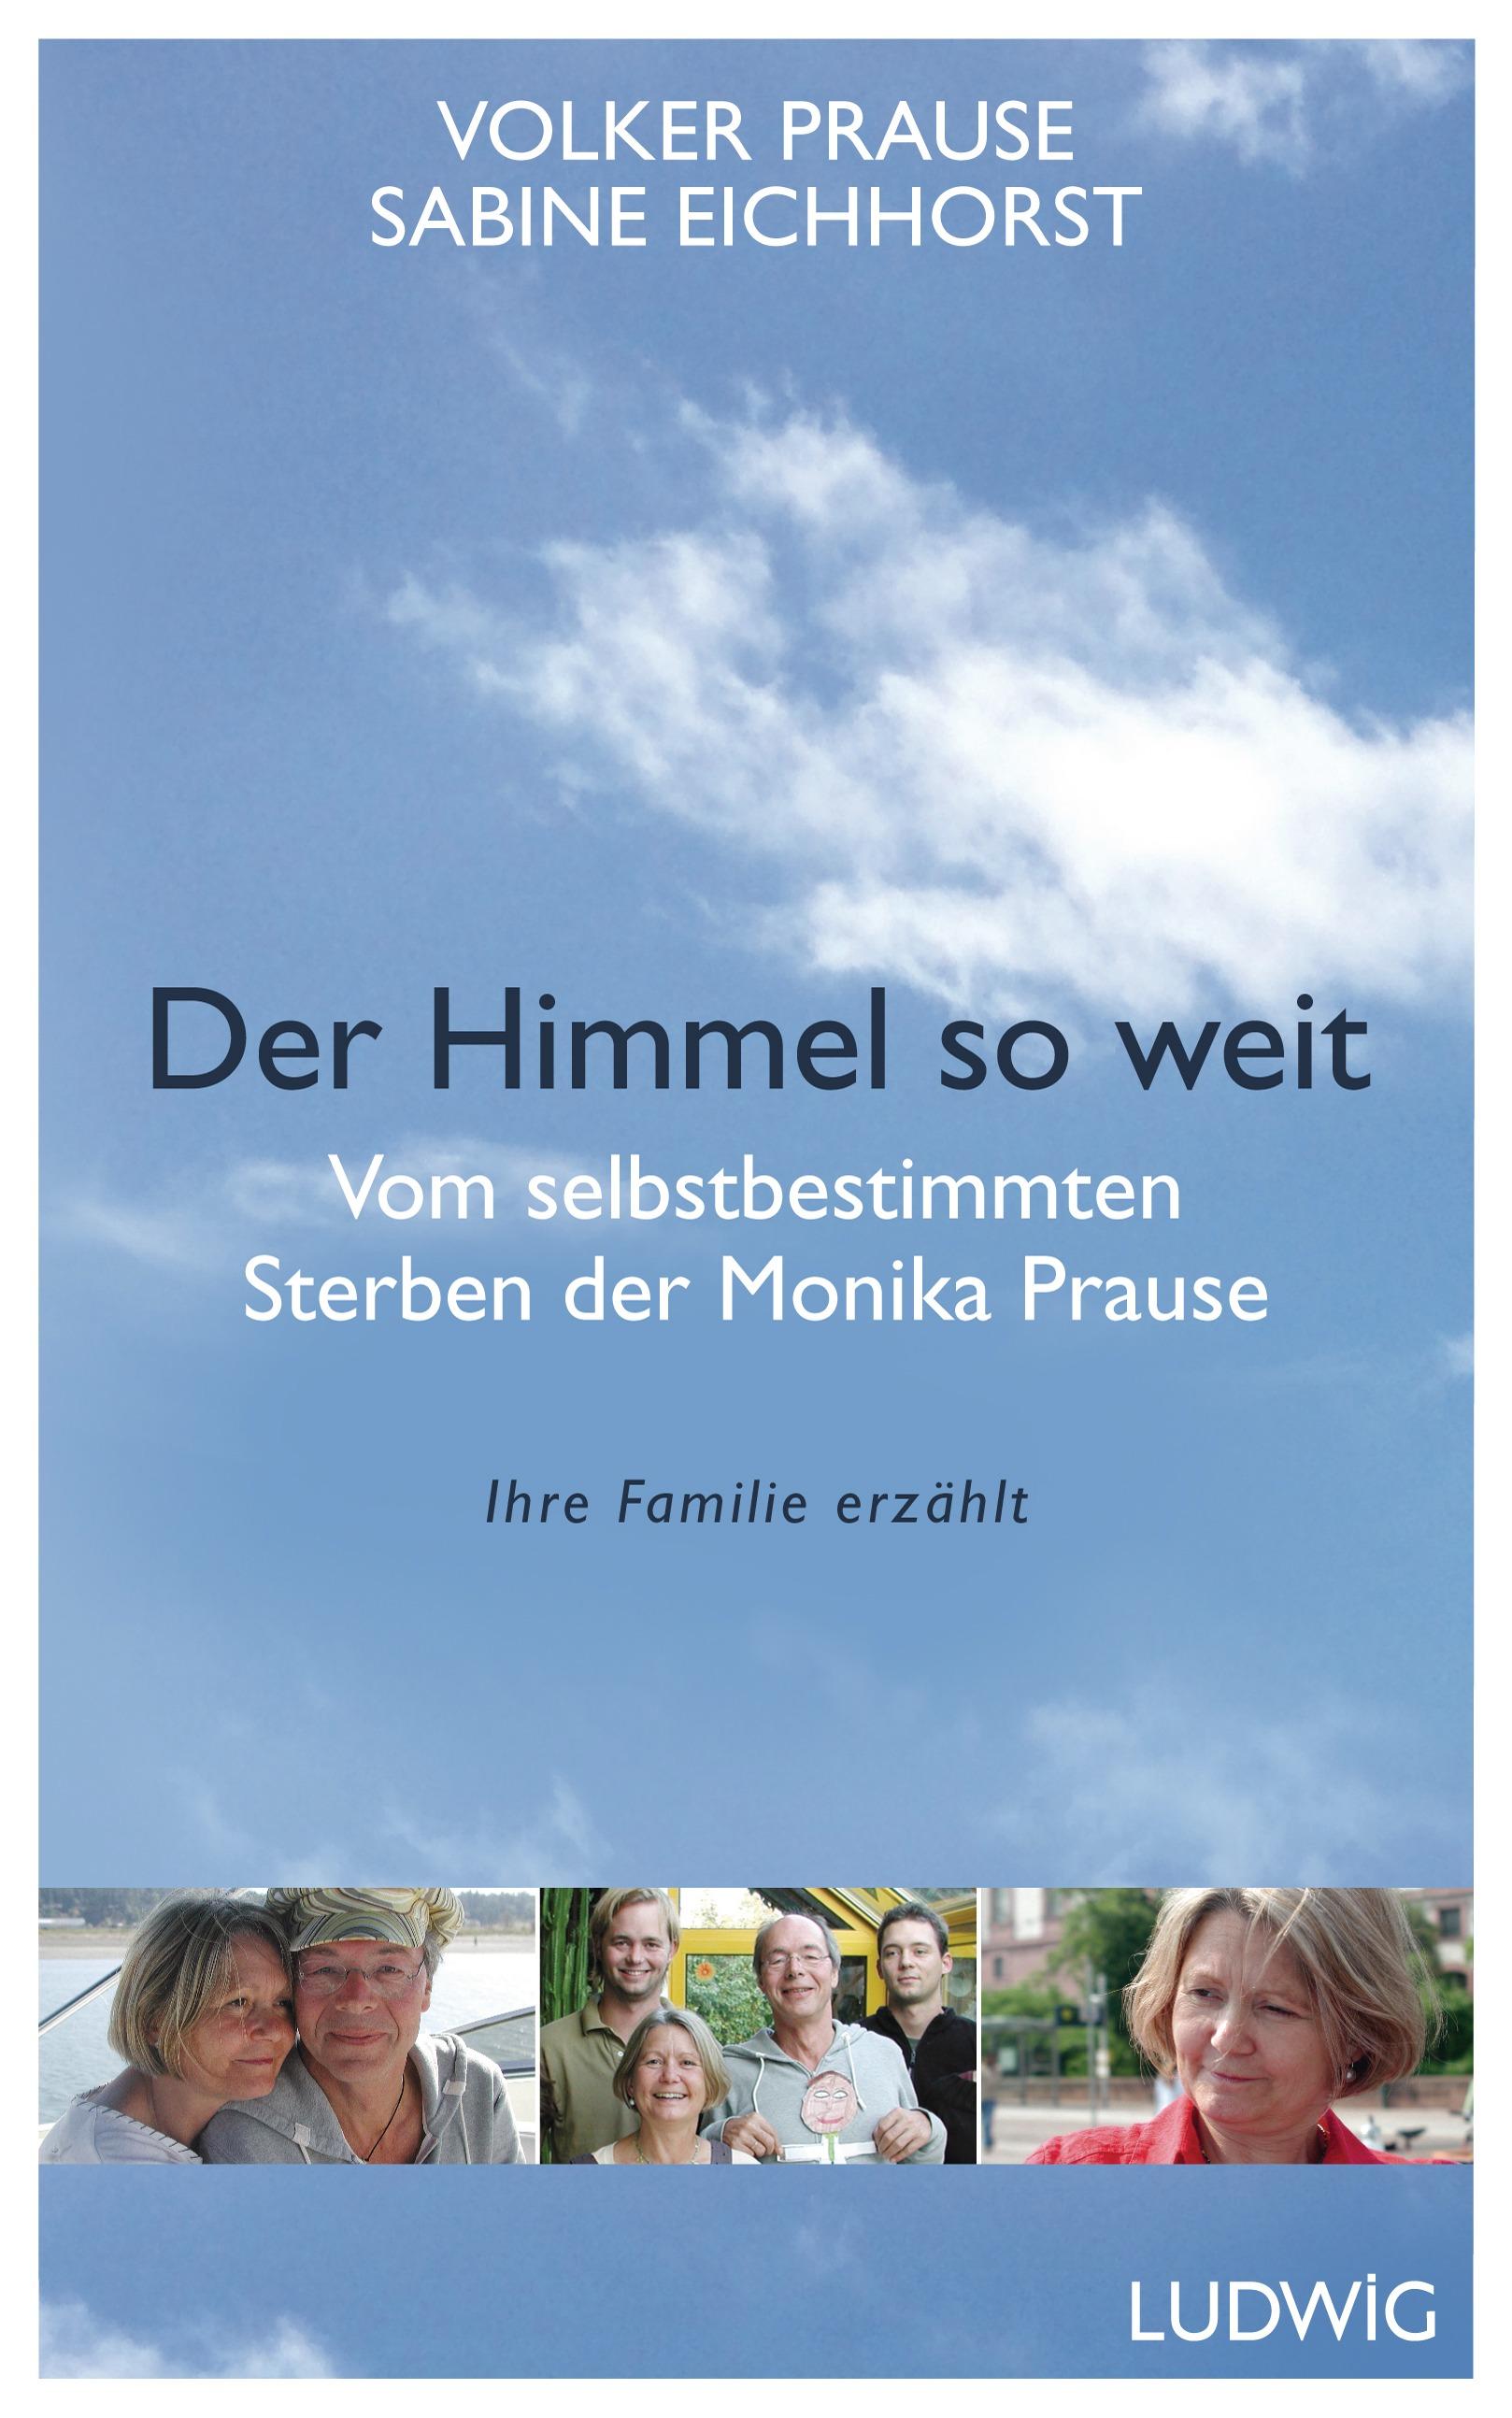 Der Himmel so weit: Vom selbstbestimmten Sterben der Monika Prause. Ihre Familie erzählt - Prause, Volker